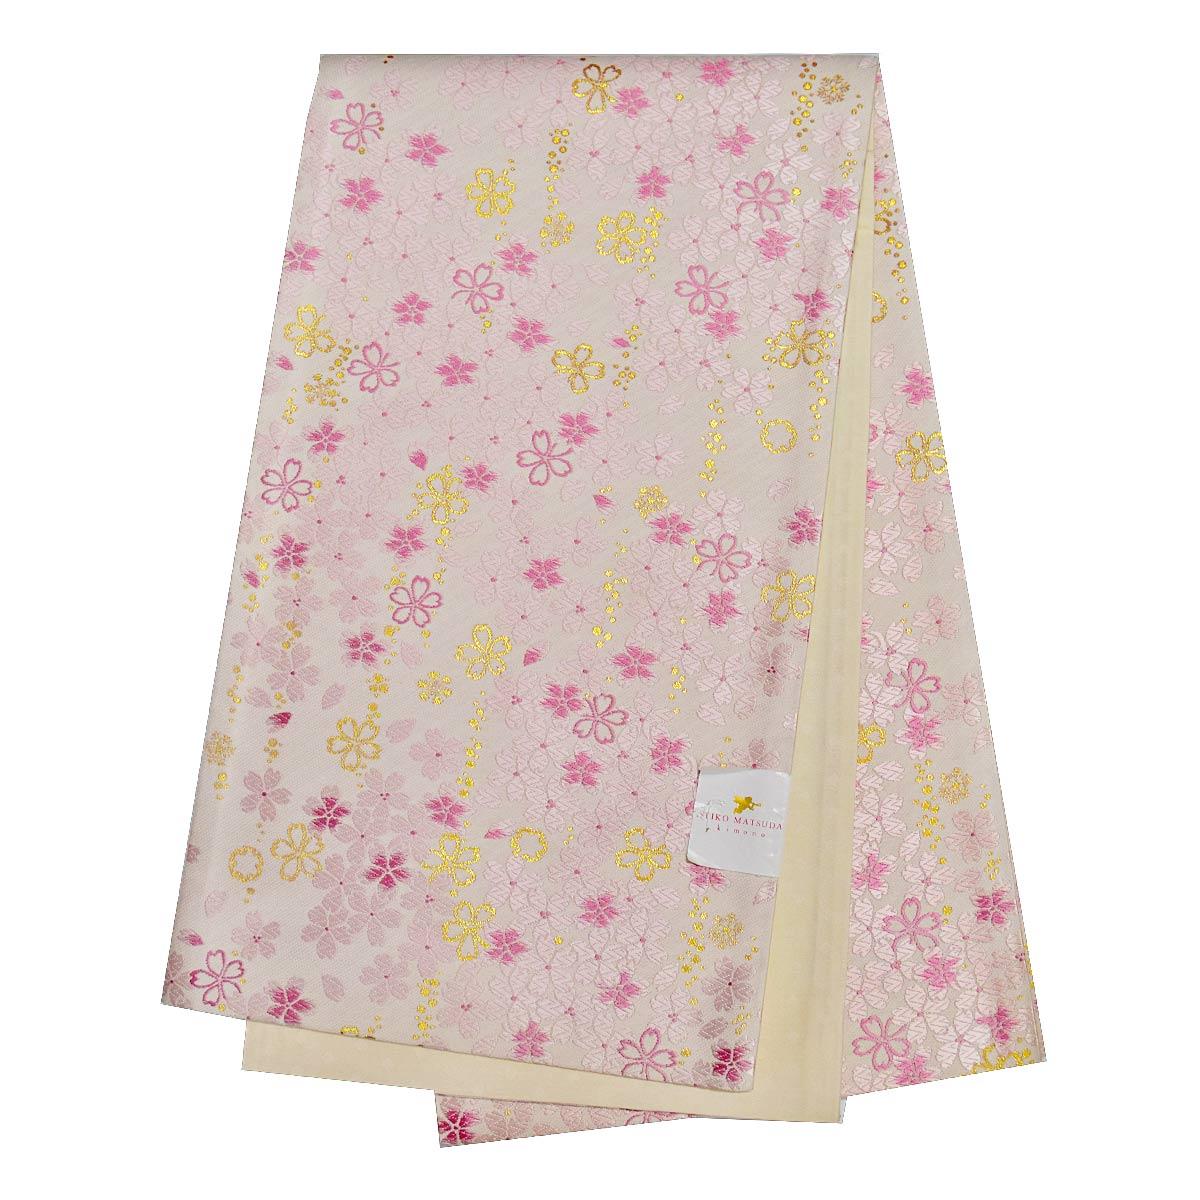 《30%オフクーポン利用可》お買い物マラソン振袖用 正絹 仕立て上がり袋帯 単品成人式 振袖 袋帯 花柄 金 白 ピンク番号d920-6